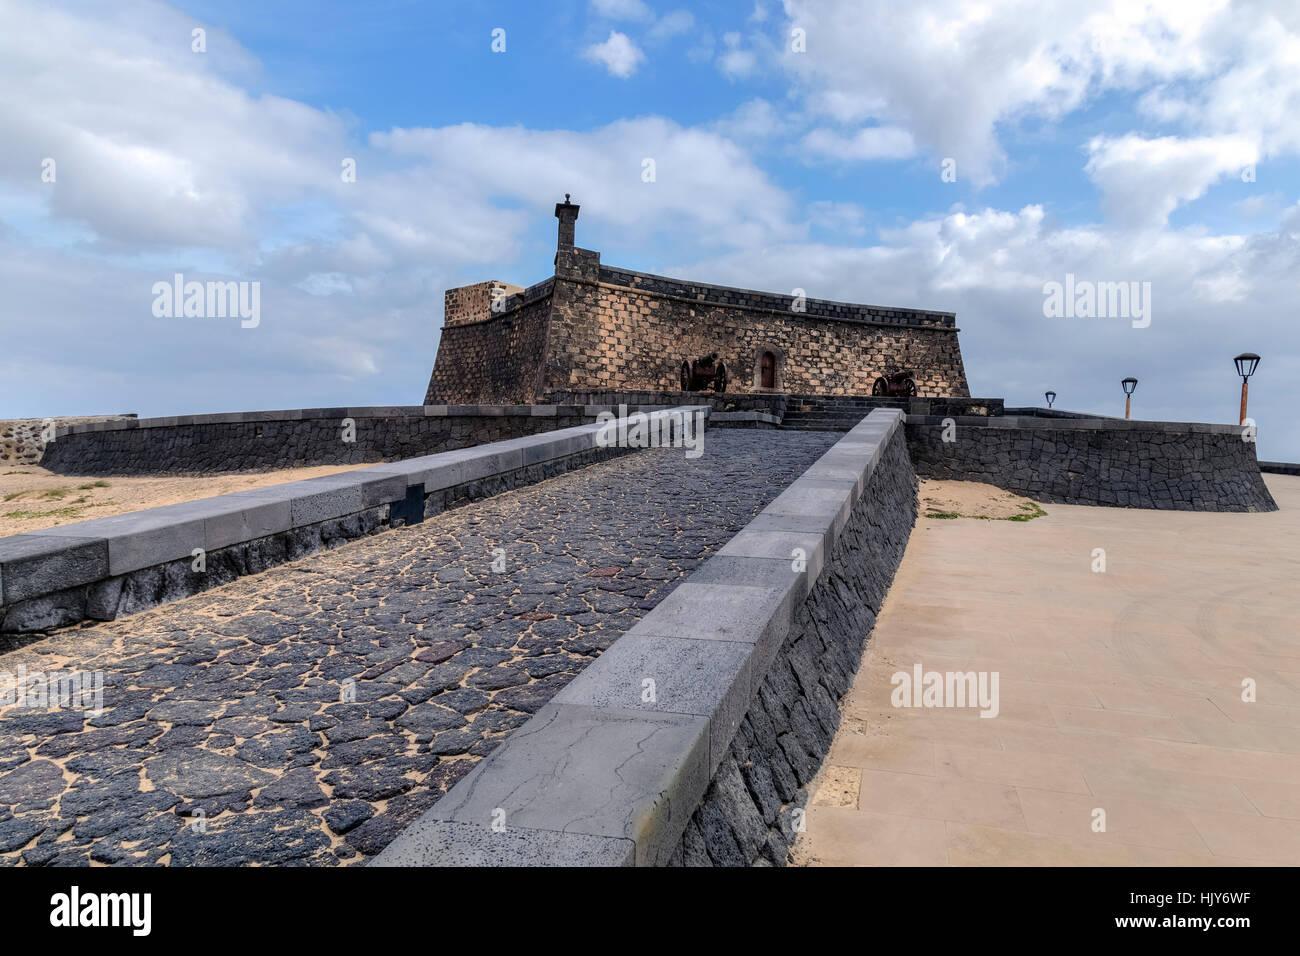 Castillo de San Gabriel, Arrecife, Lanzarote, Canary Islands, Spain - Stock Image